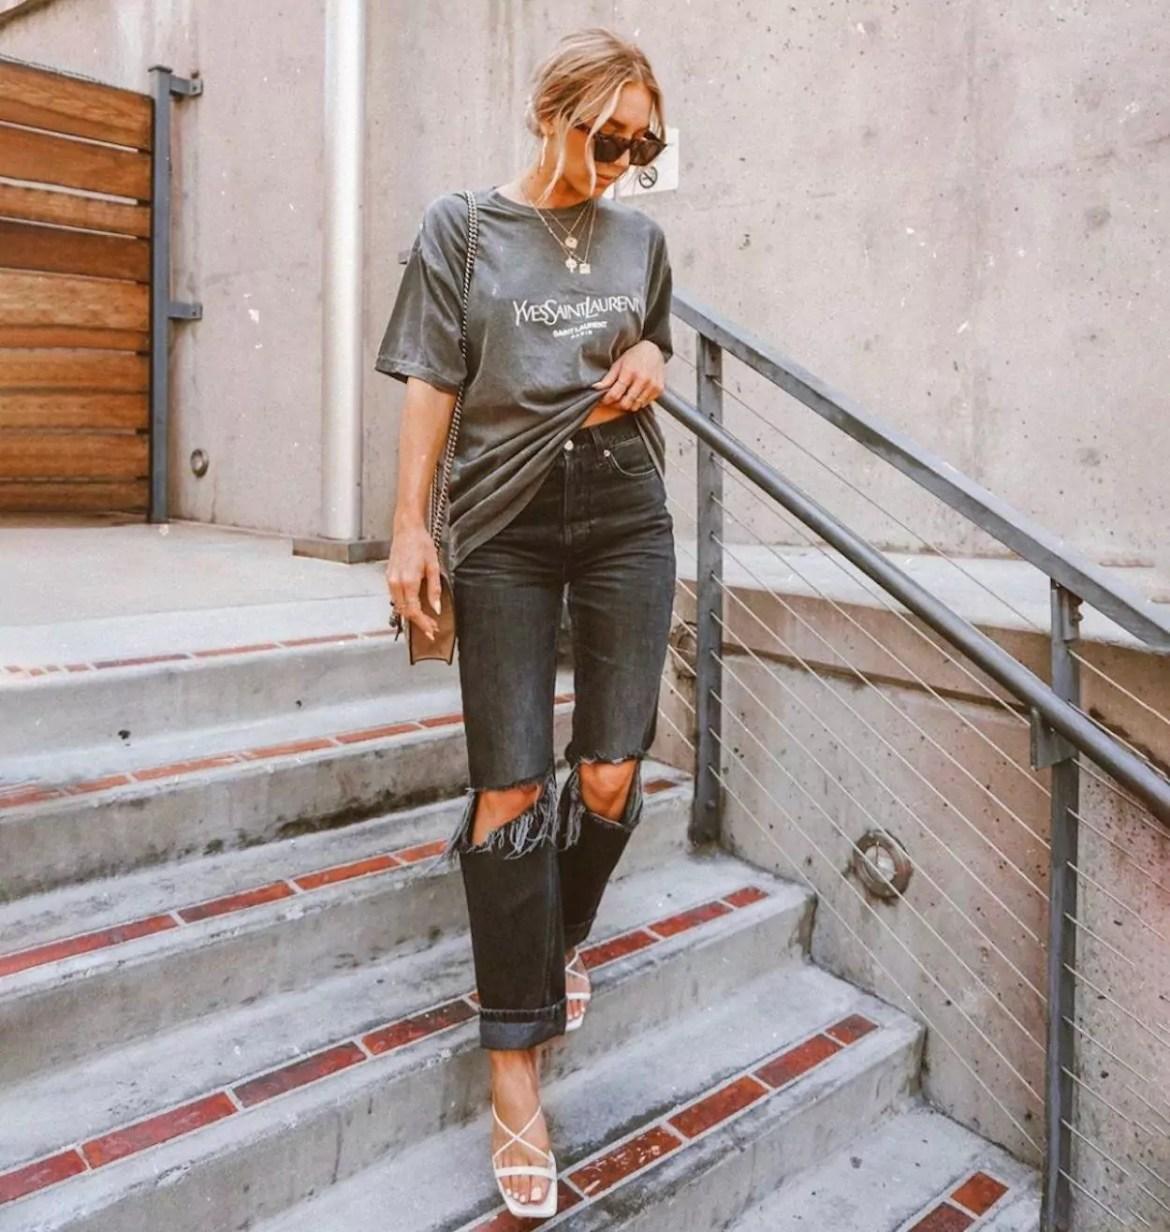 camiseta larga, jeans e sandálias